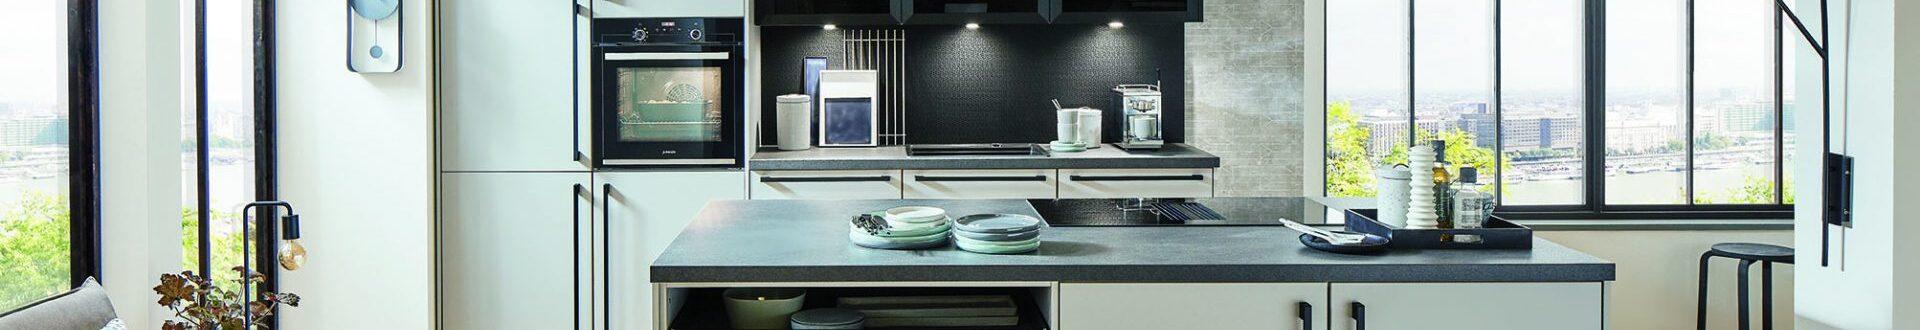 Evindie Keukens IJsselstein groen met wit